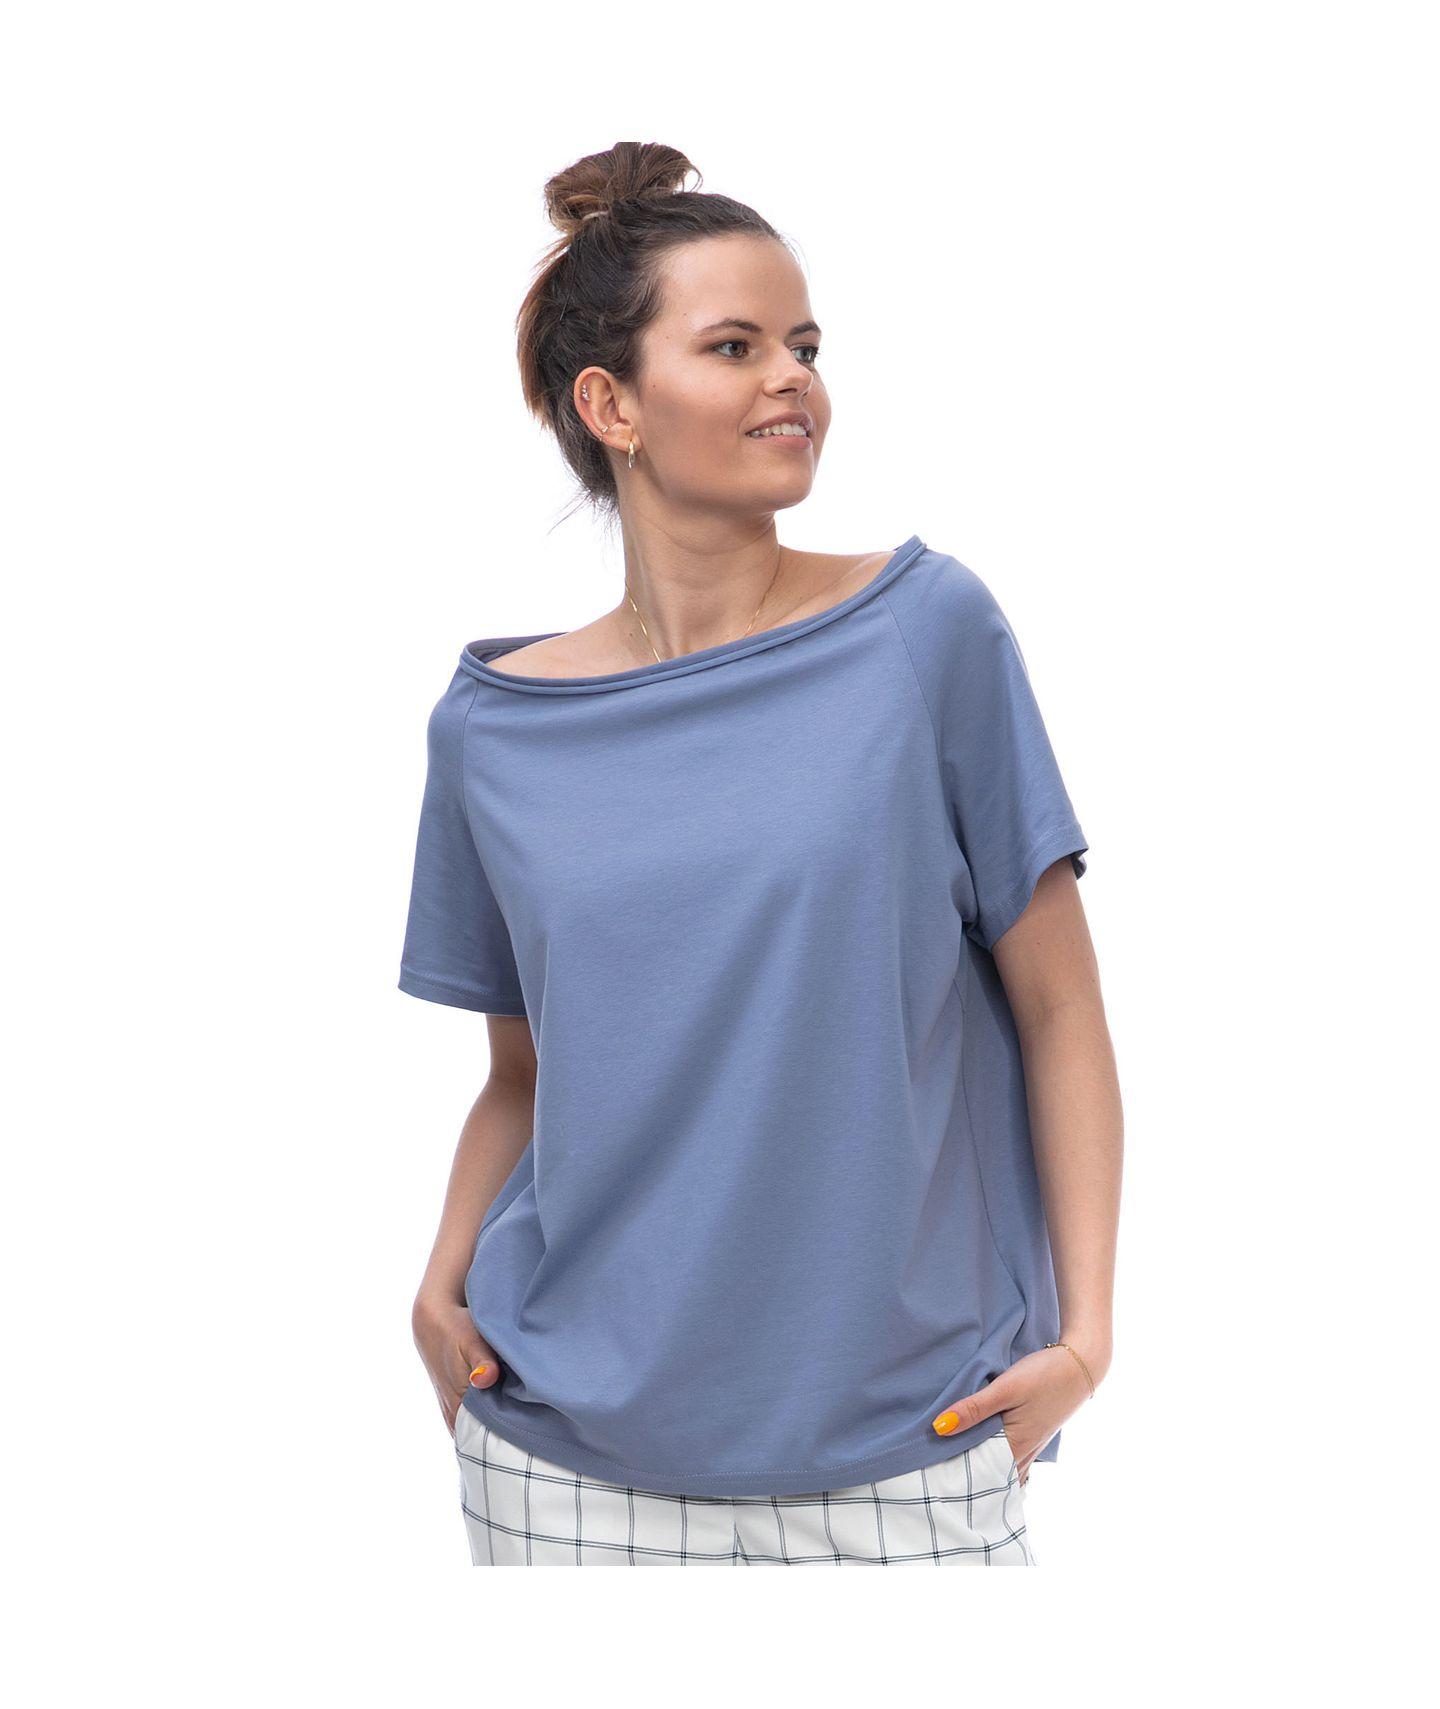 bluzka ABBY pudrowy niebieski